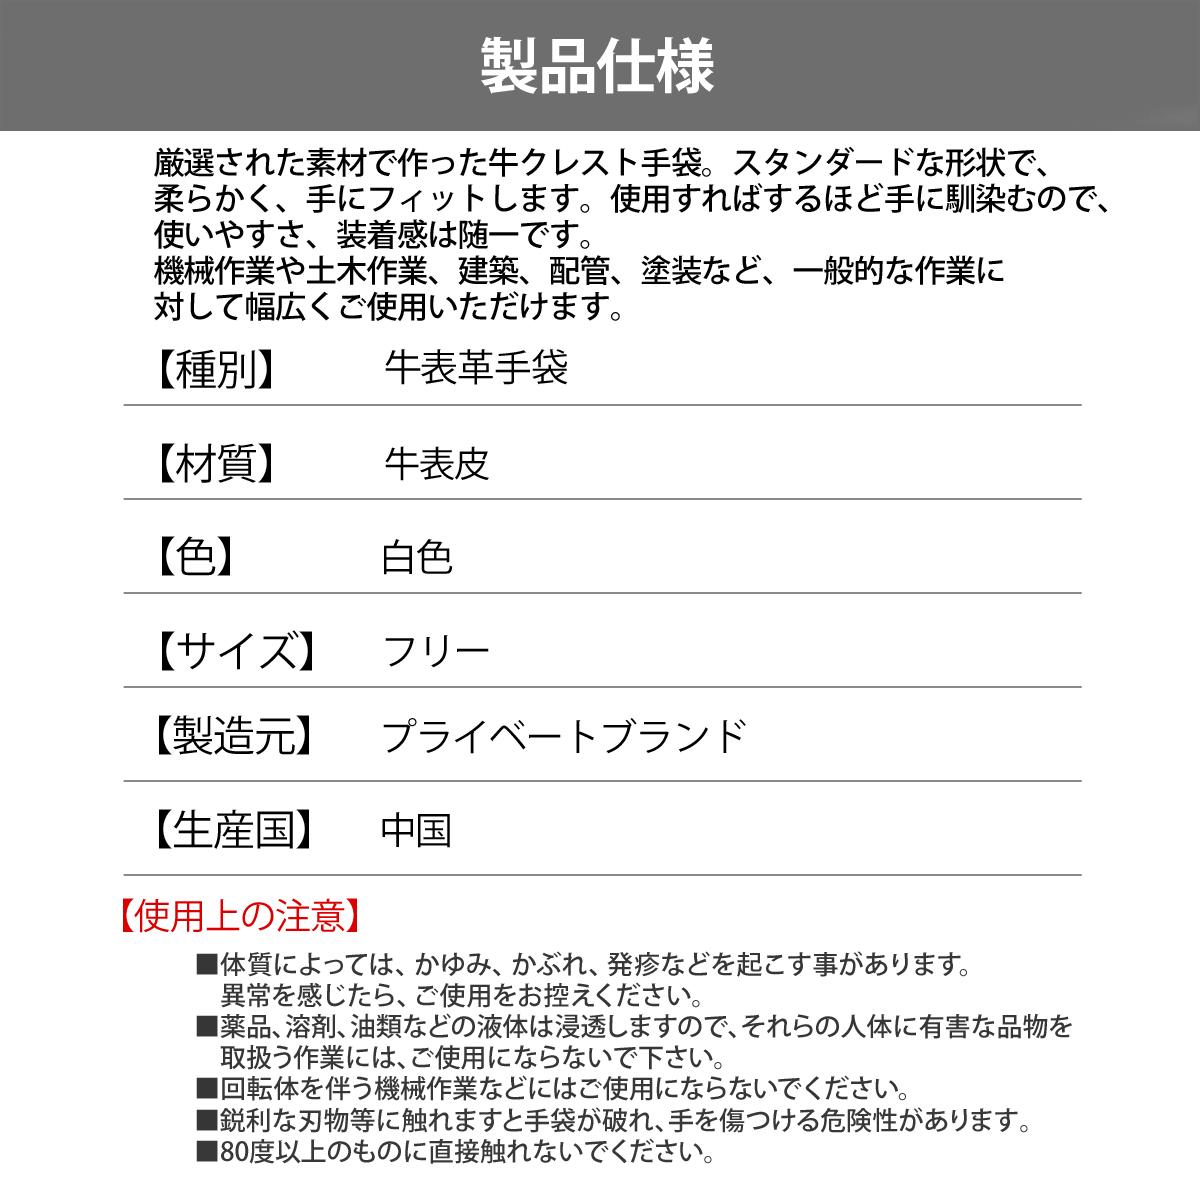 牛表皮手袋 クレスト 本革 8102 (200双/ケース) 作業用手袋